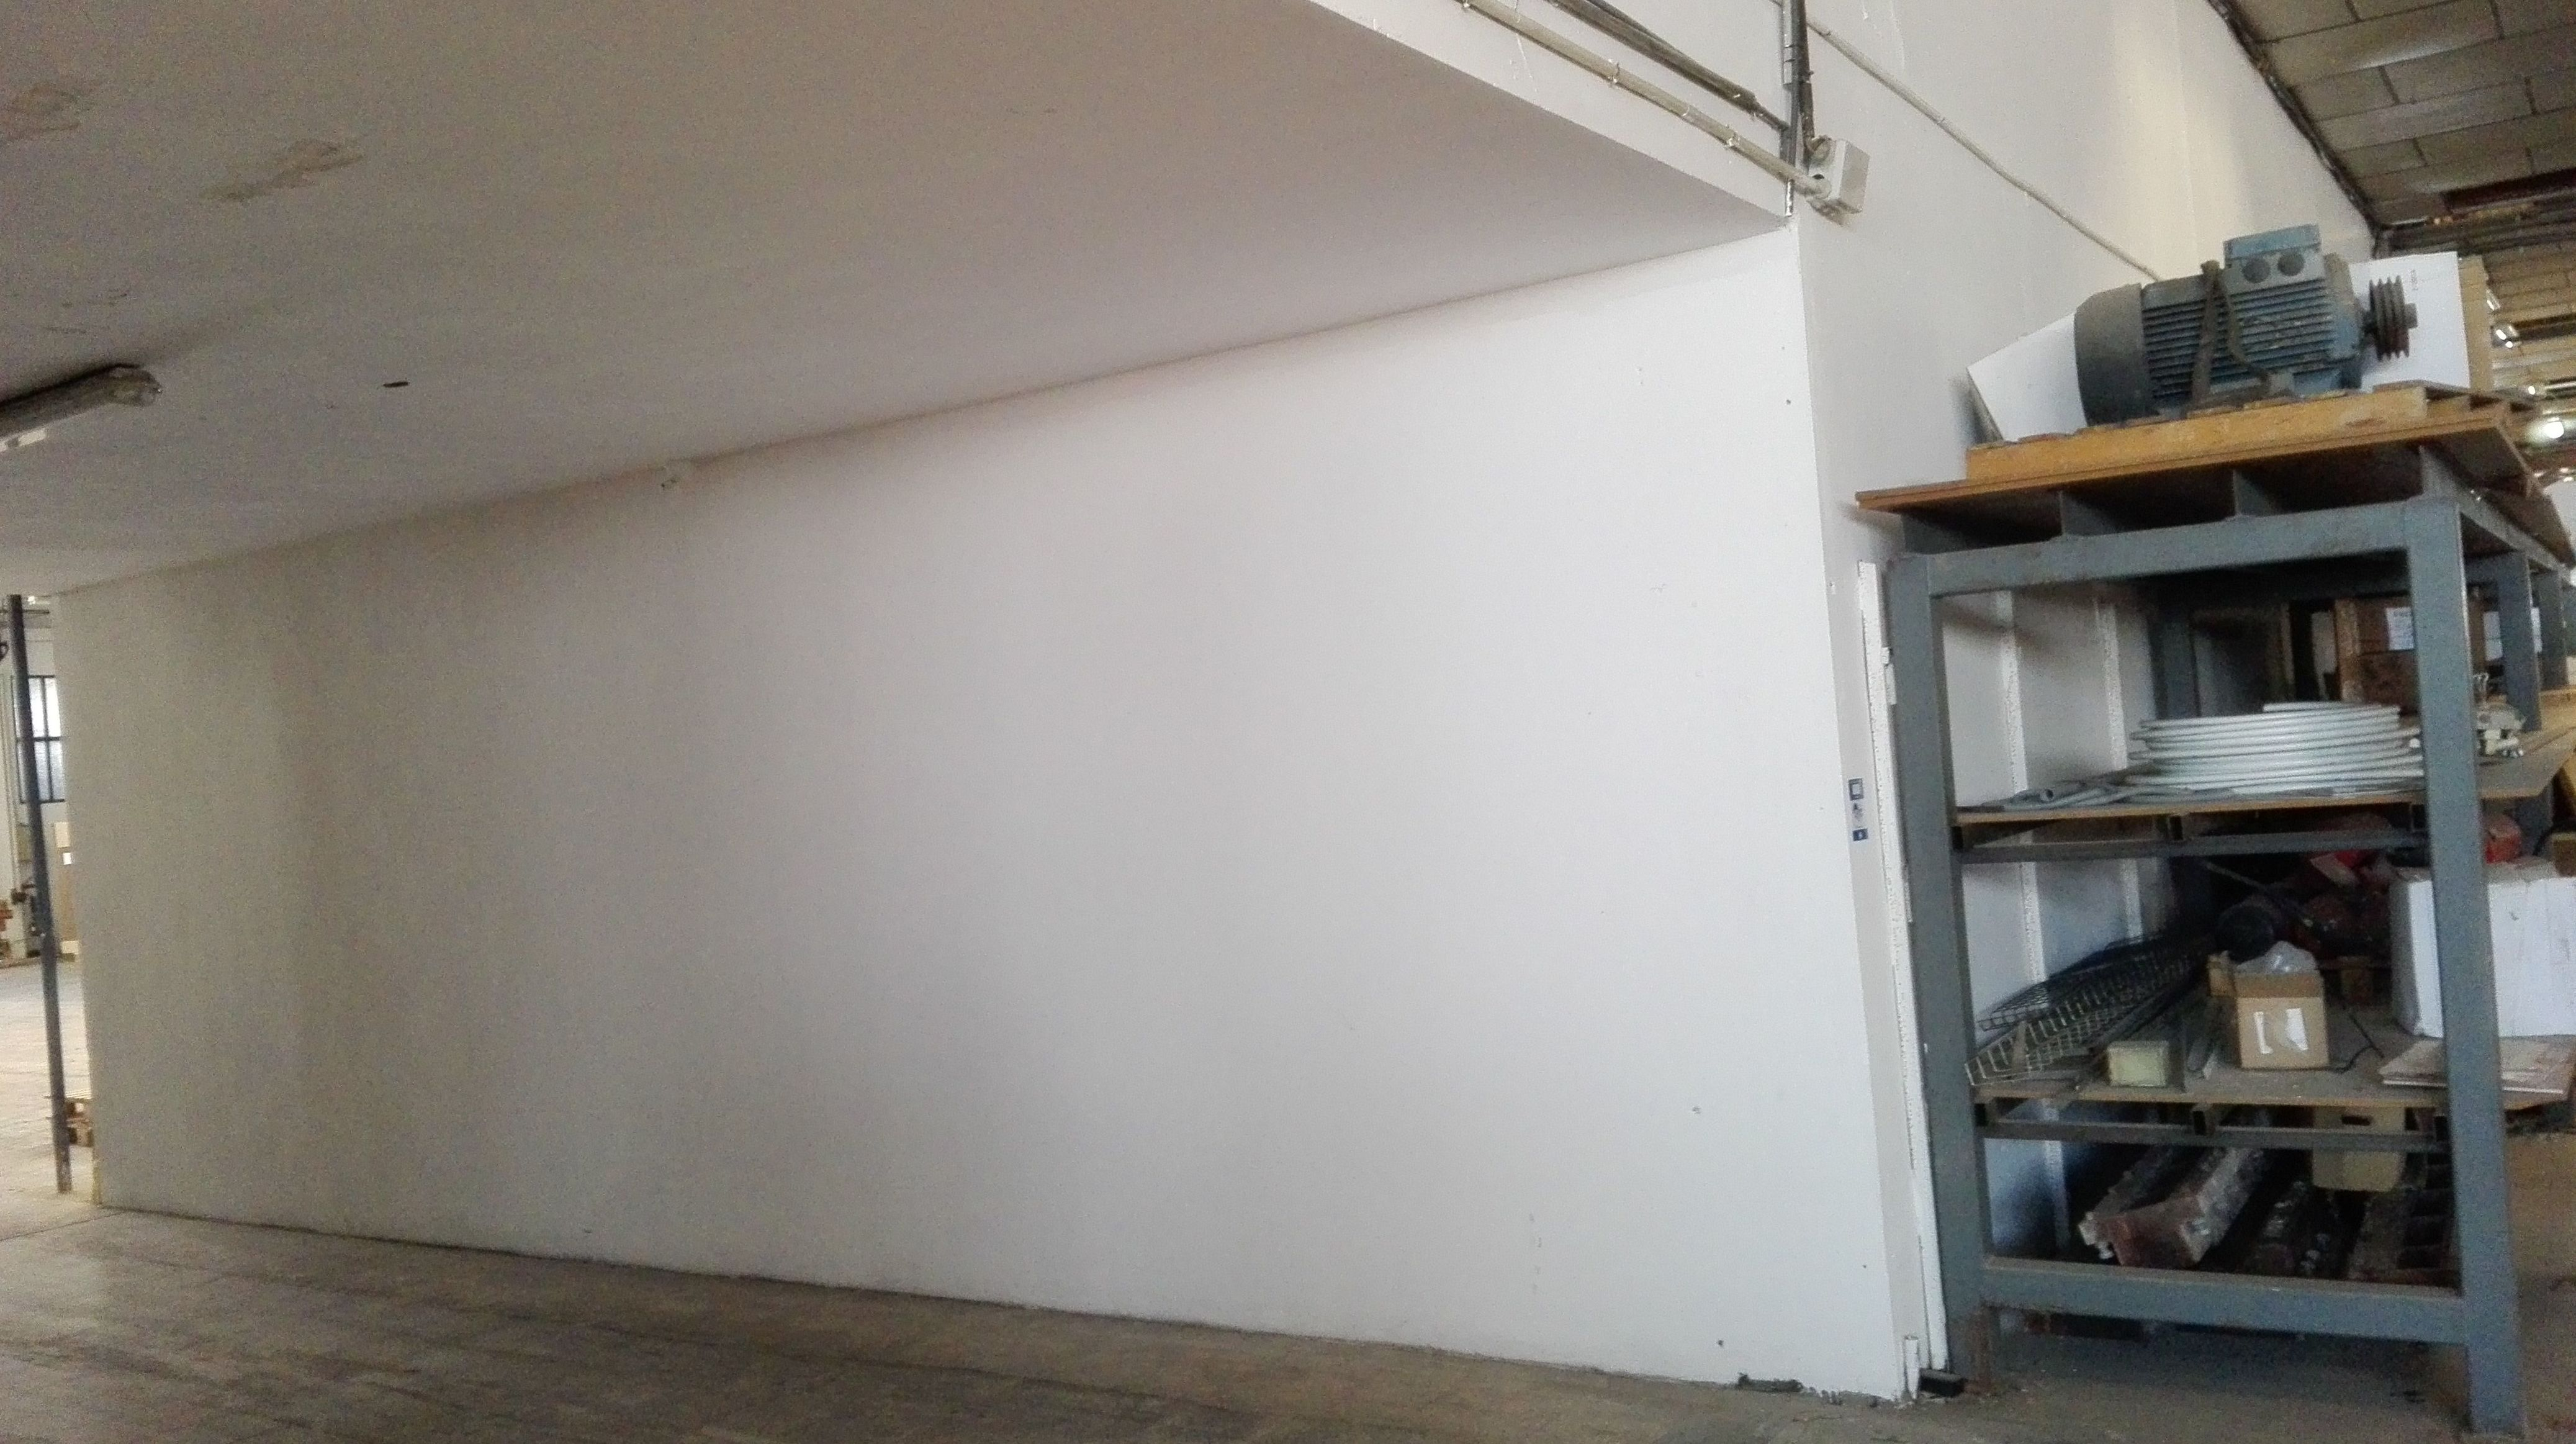 Preparación de hueco para instalación de puerta corredera cortafuegos de 1 hoja 90 minutos